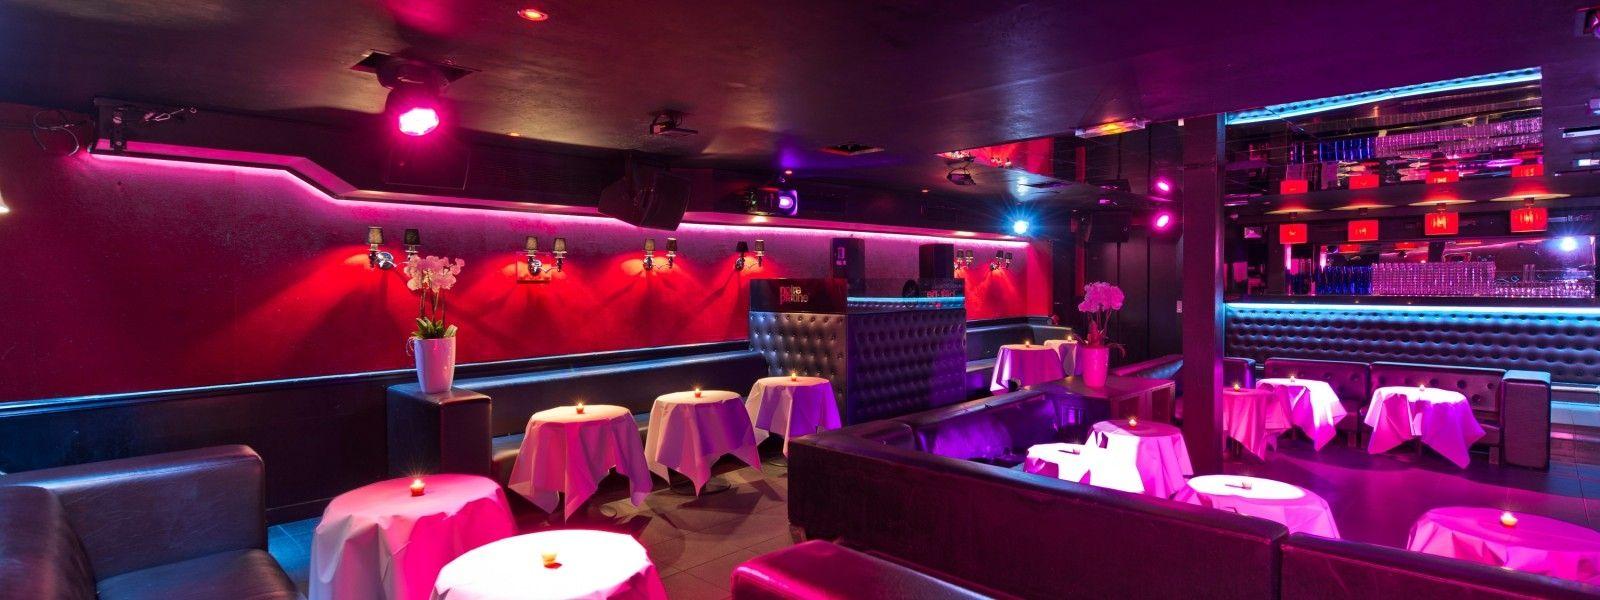 En plein cœur de la capitale, ce lieu lounge et cosy vous reçoit pour vos événements privés et professionnels.  Plus de détails sur : http://www.prestatairesdefrance.com/p/605/Salle-de-reception/Salle-de-reception-Paris